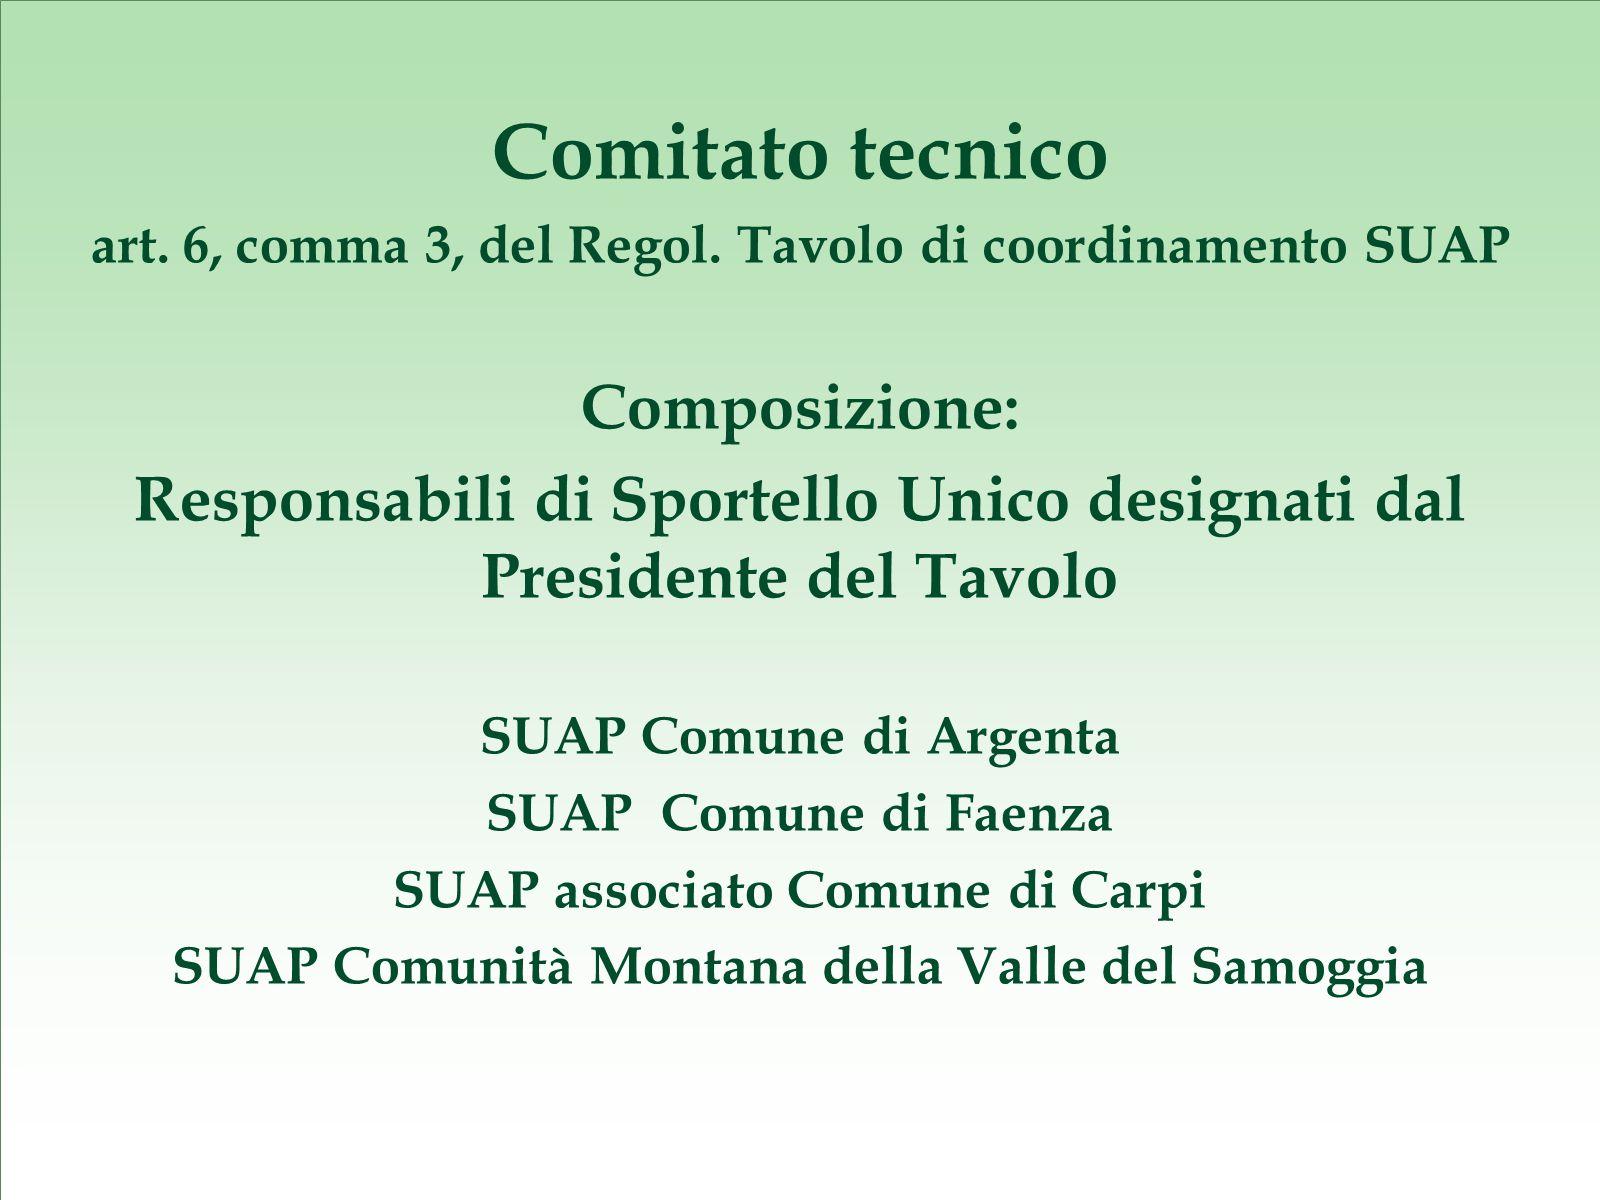 Comitato tecnico art. 6, comma 3, del Regol.